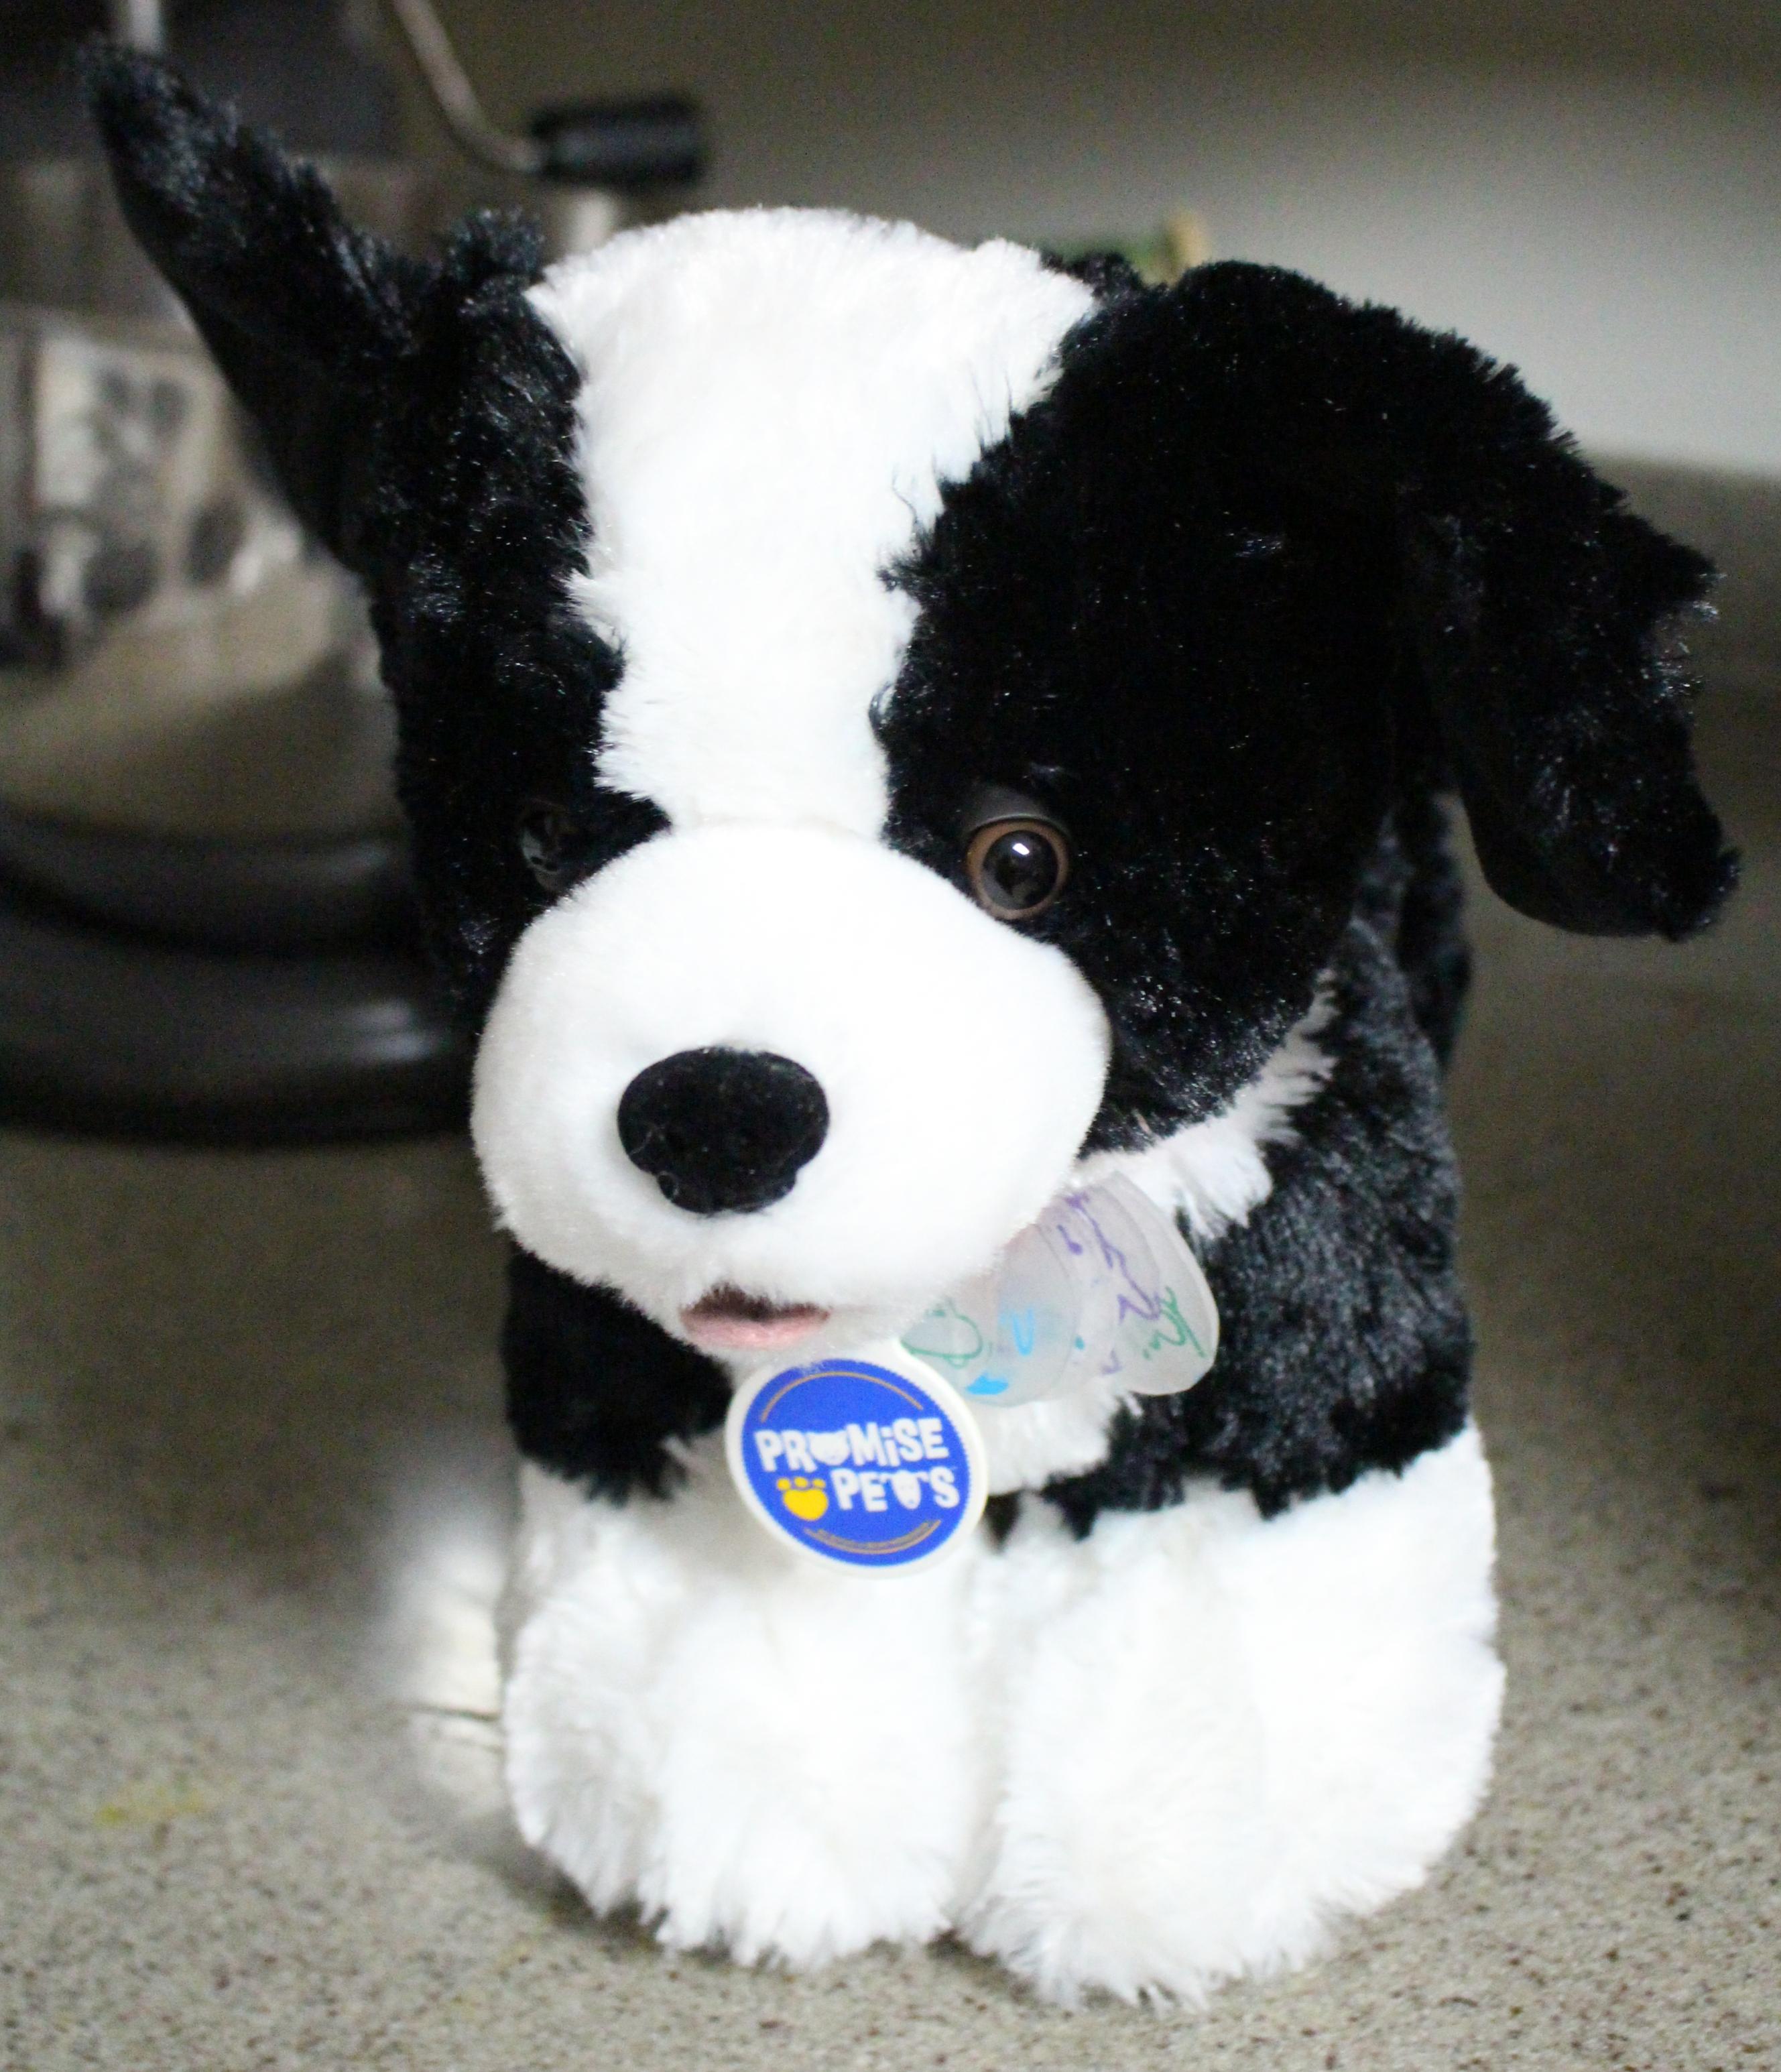 funeral stuffed animal